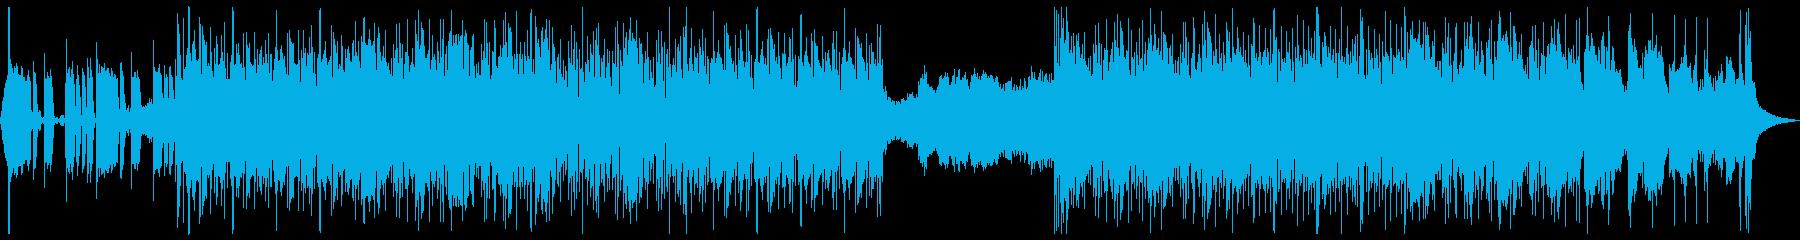 サイケ_ユルめのインスト_バンド的の再生済みの波形